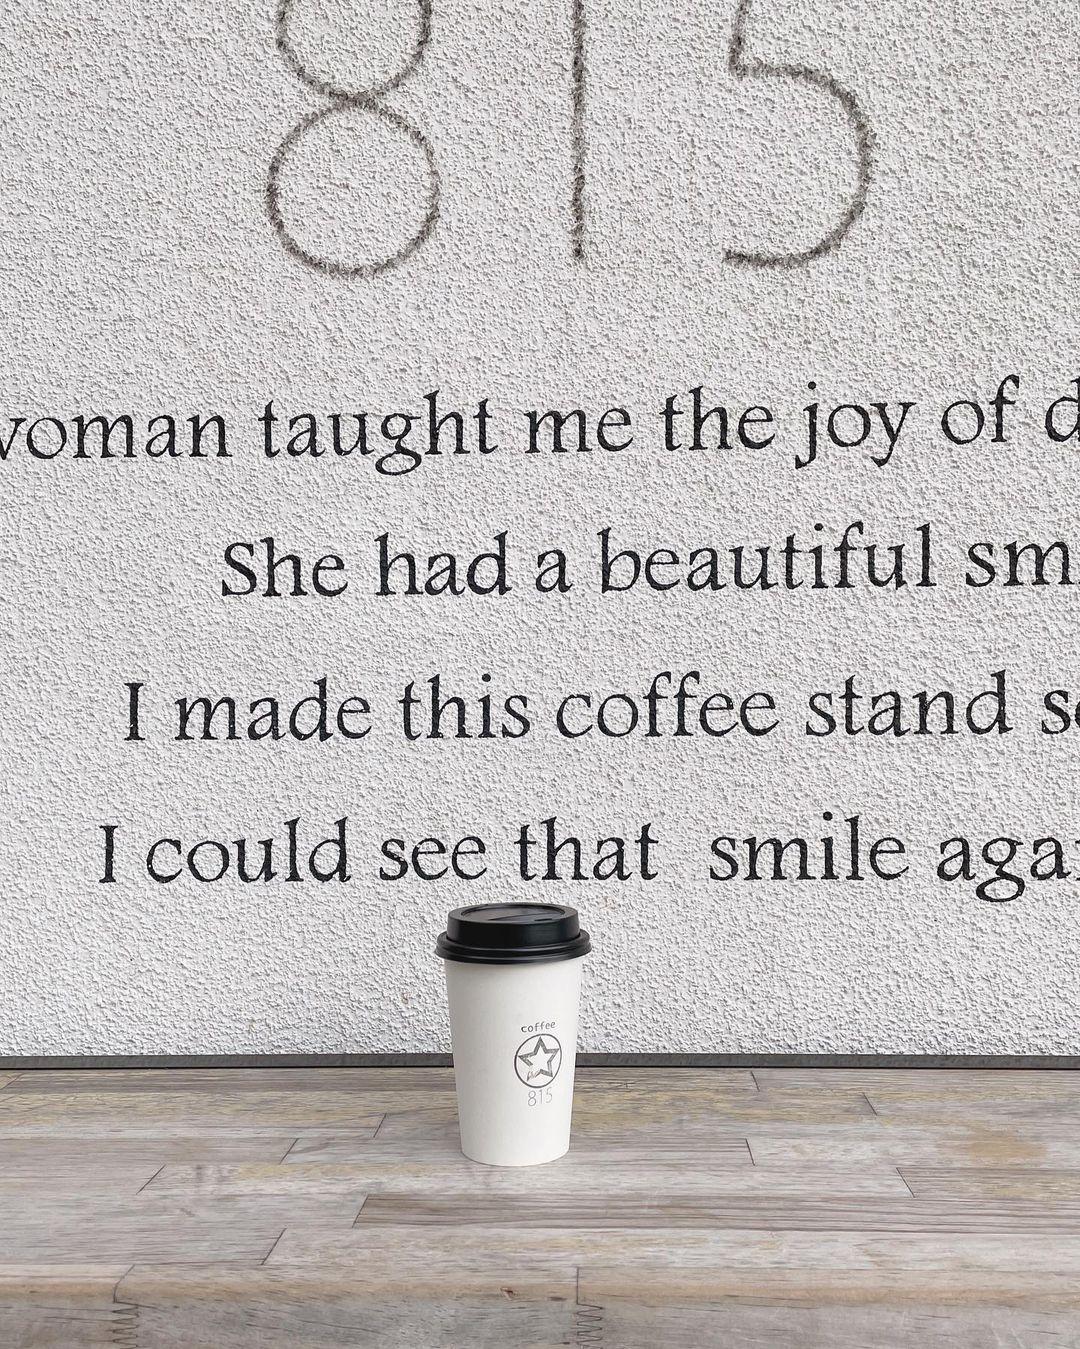 東京・桜新町のおしゃれカフェ『815coffeestand』でテイクアウトをしたカフェラテ